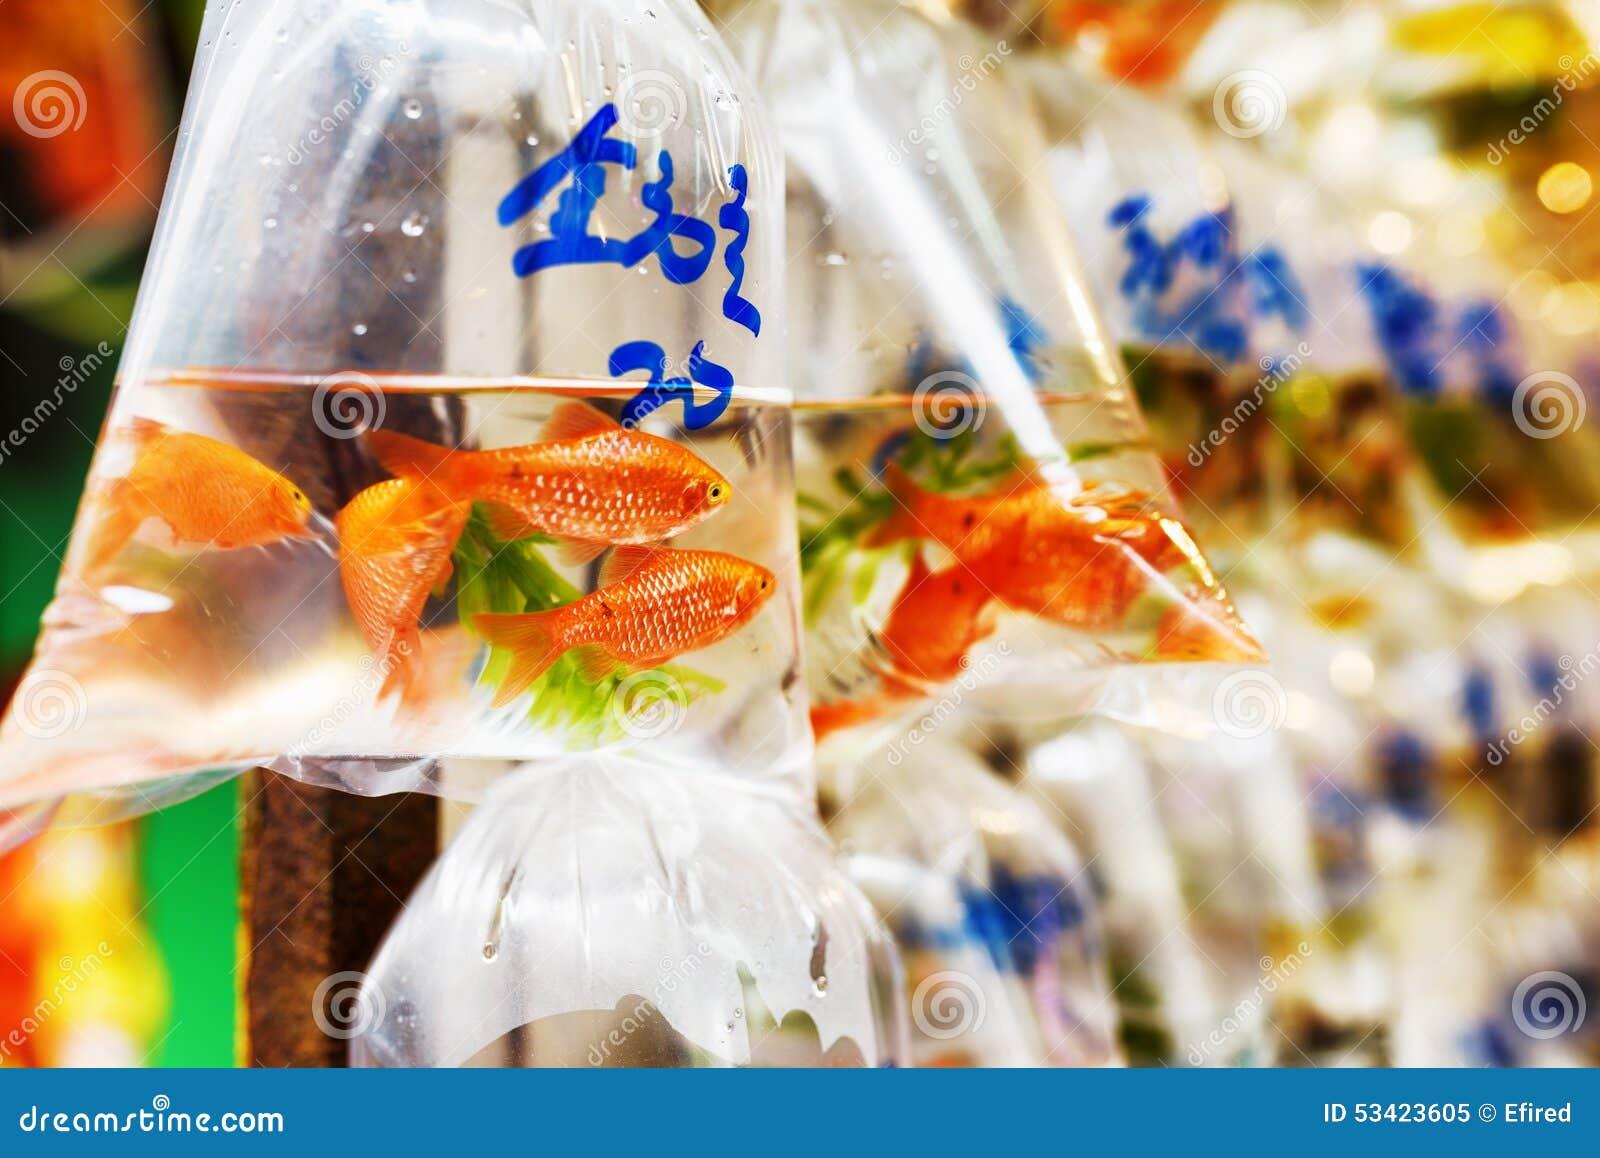 Pesci rossi nei sacchetti di plastica immagine stock for Vaschetta per pesci rossi prezzi